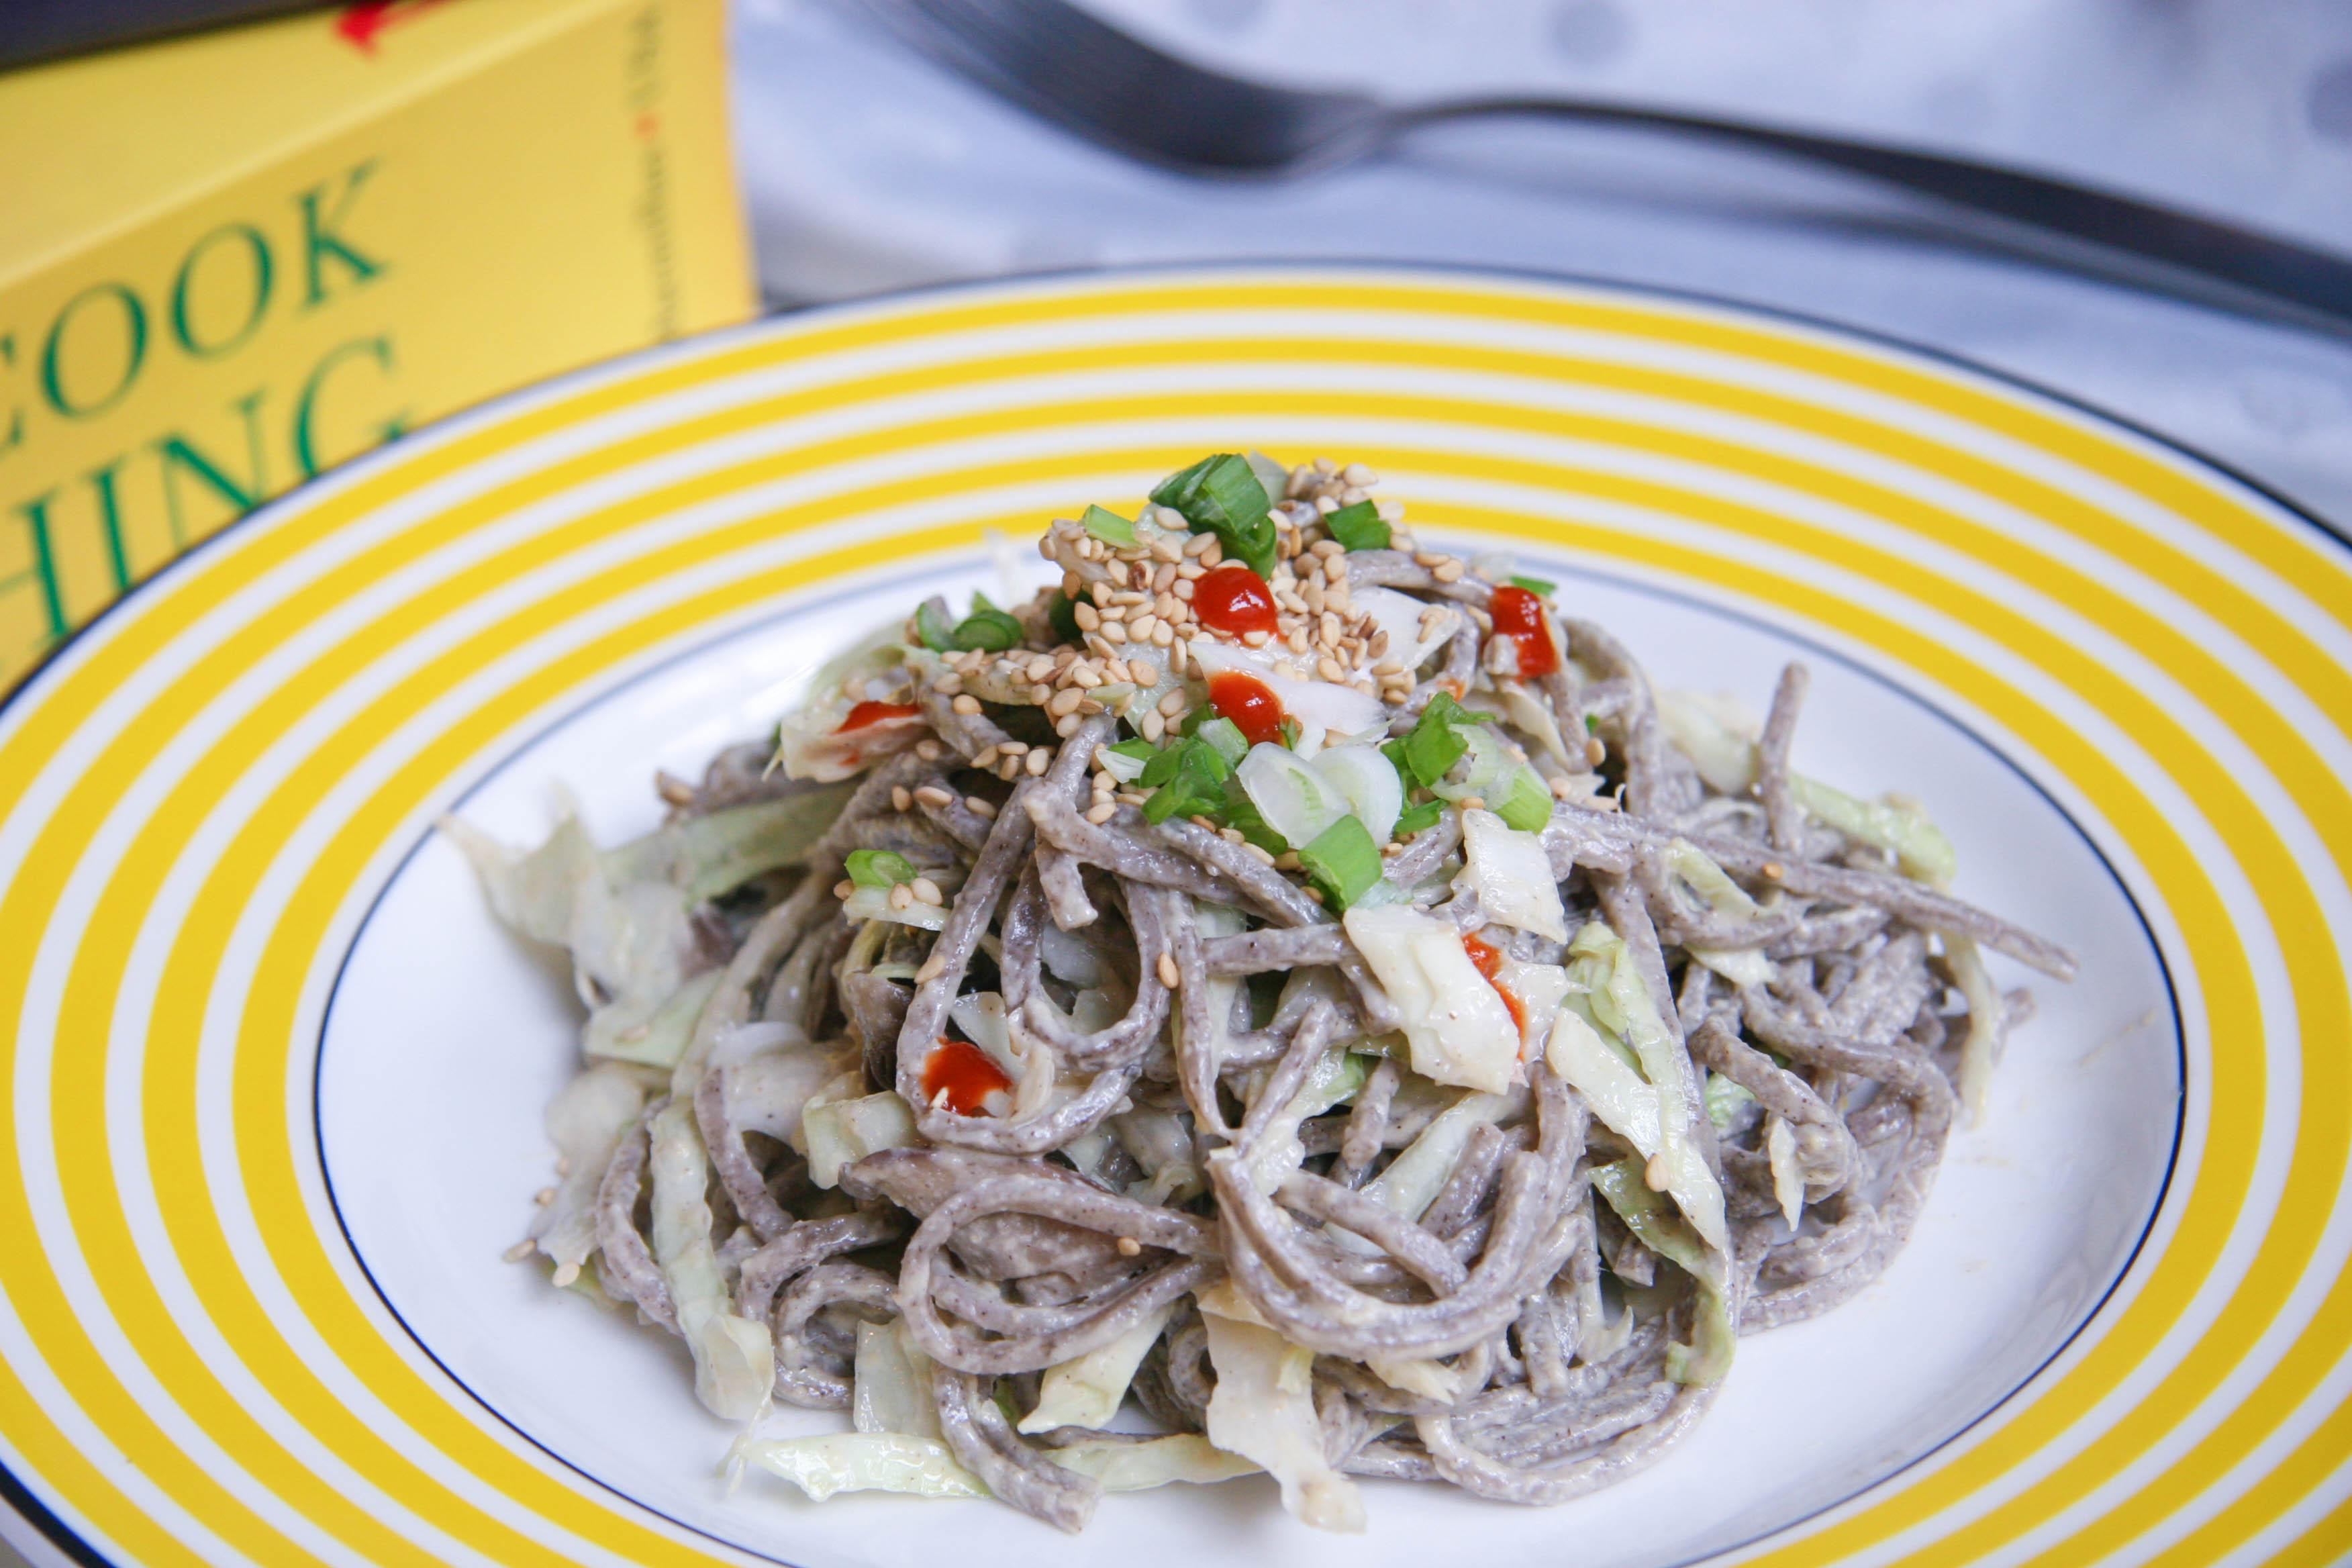 soba noodle salad on plate